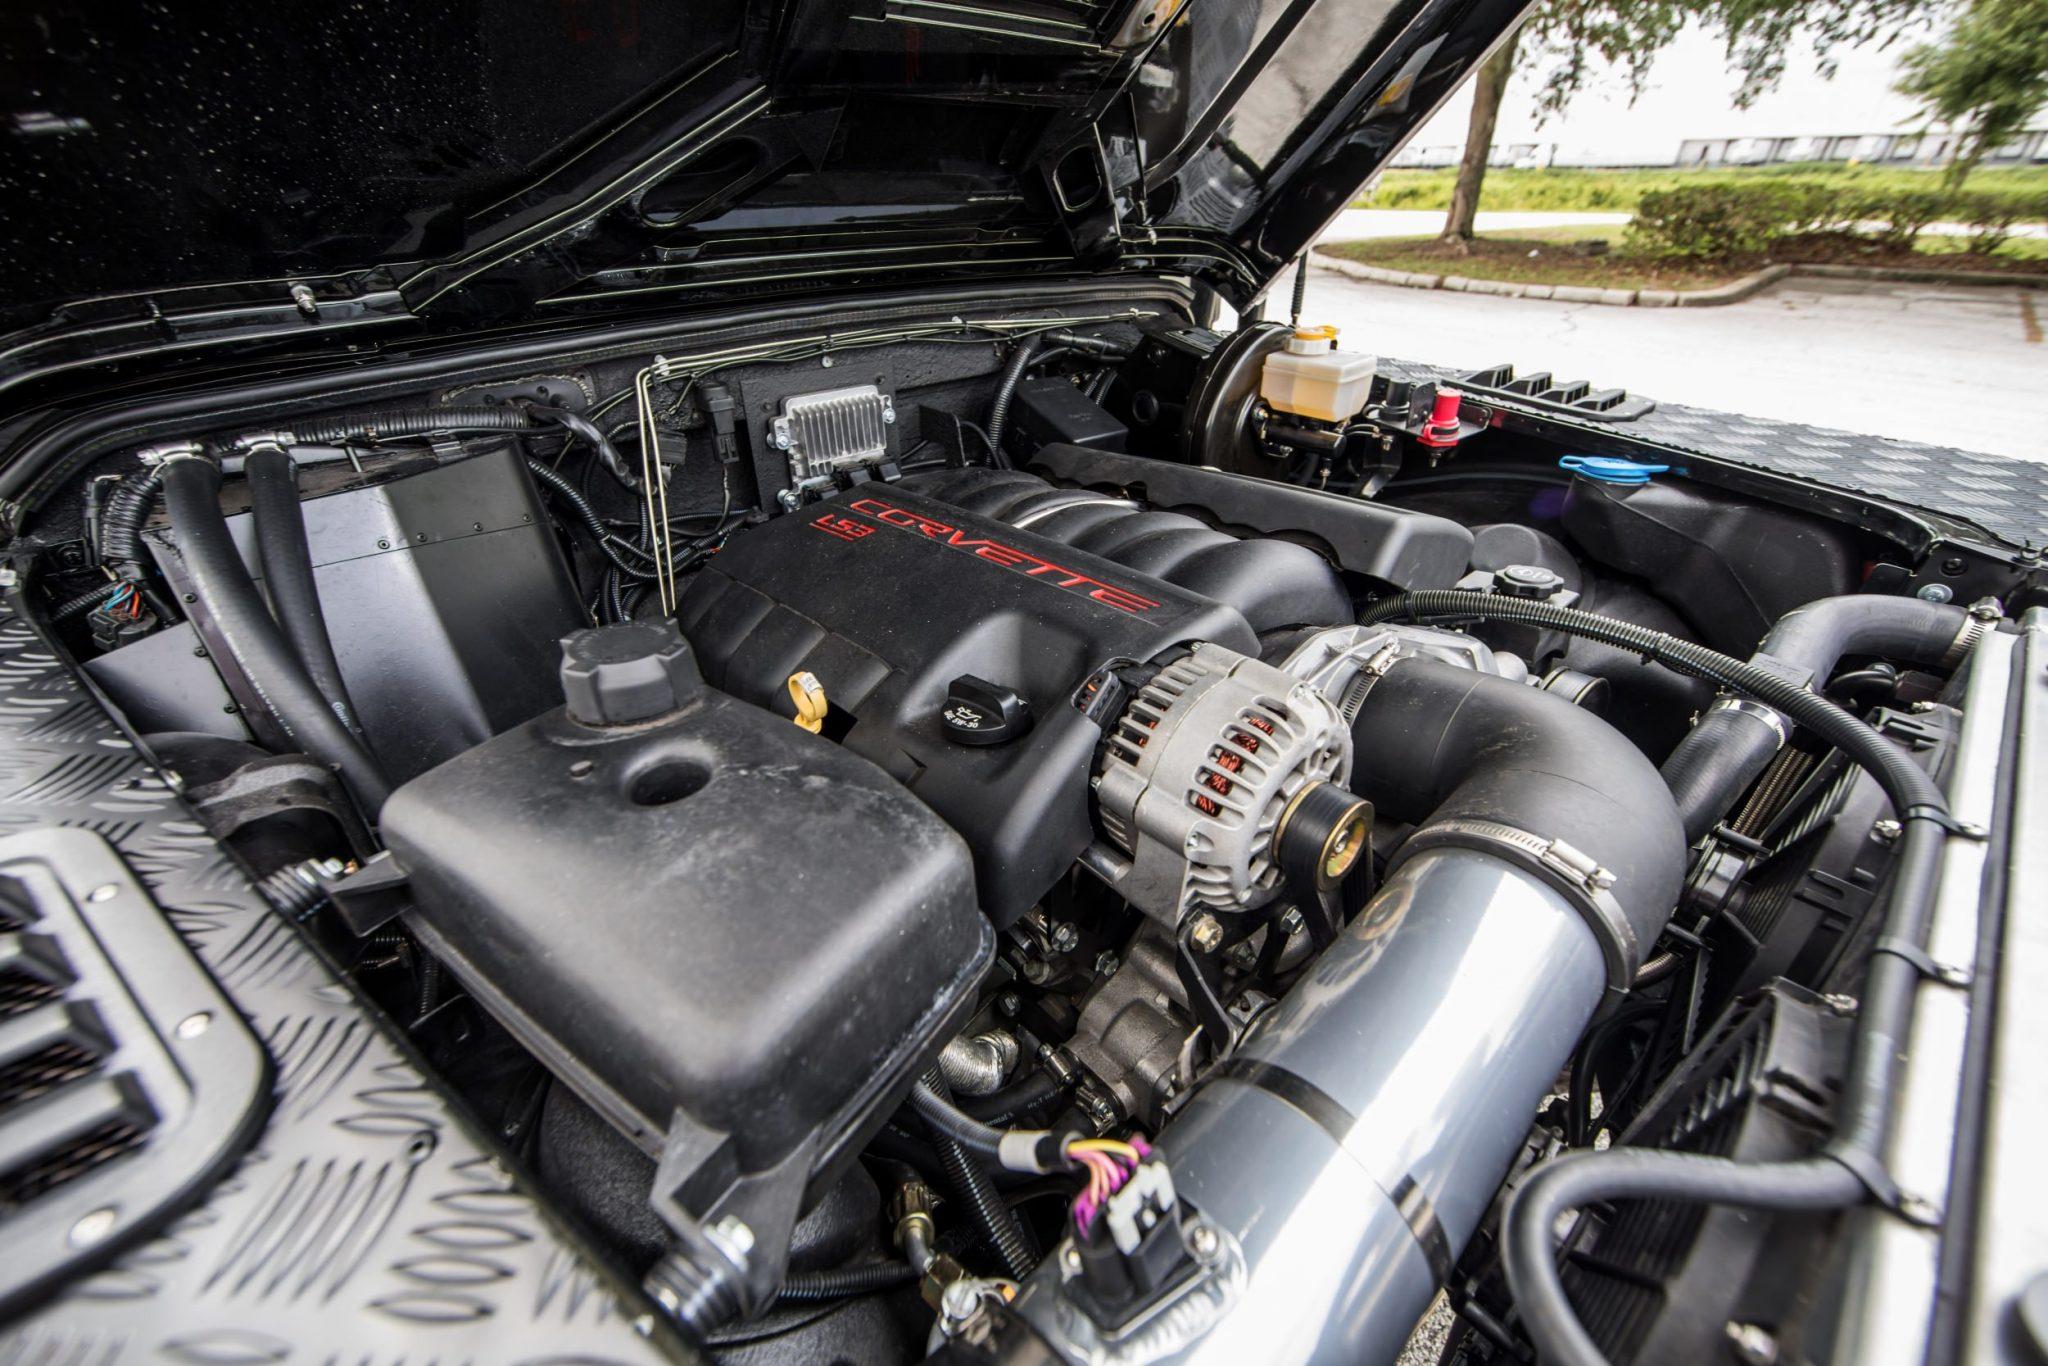 corvette engined land rover defender 32 - Corvette-Engined Land Rover Defender 90